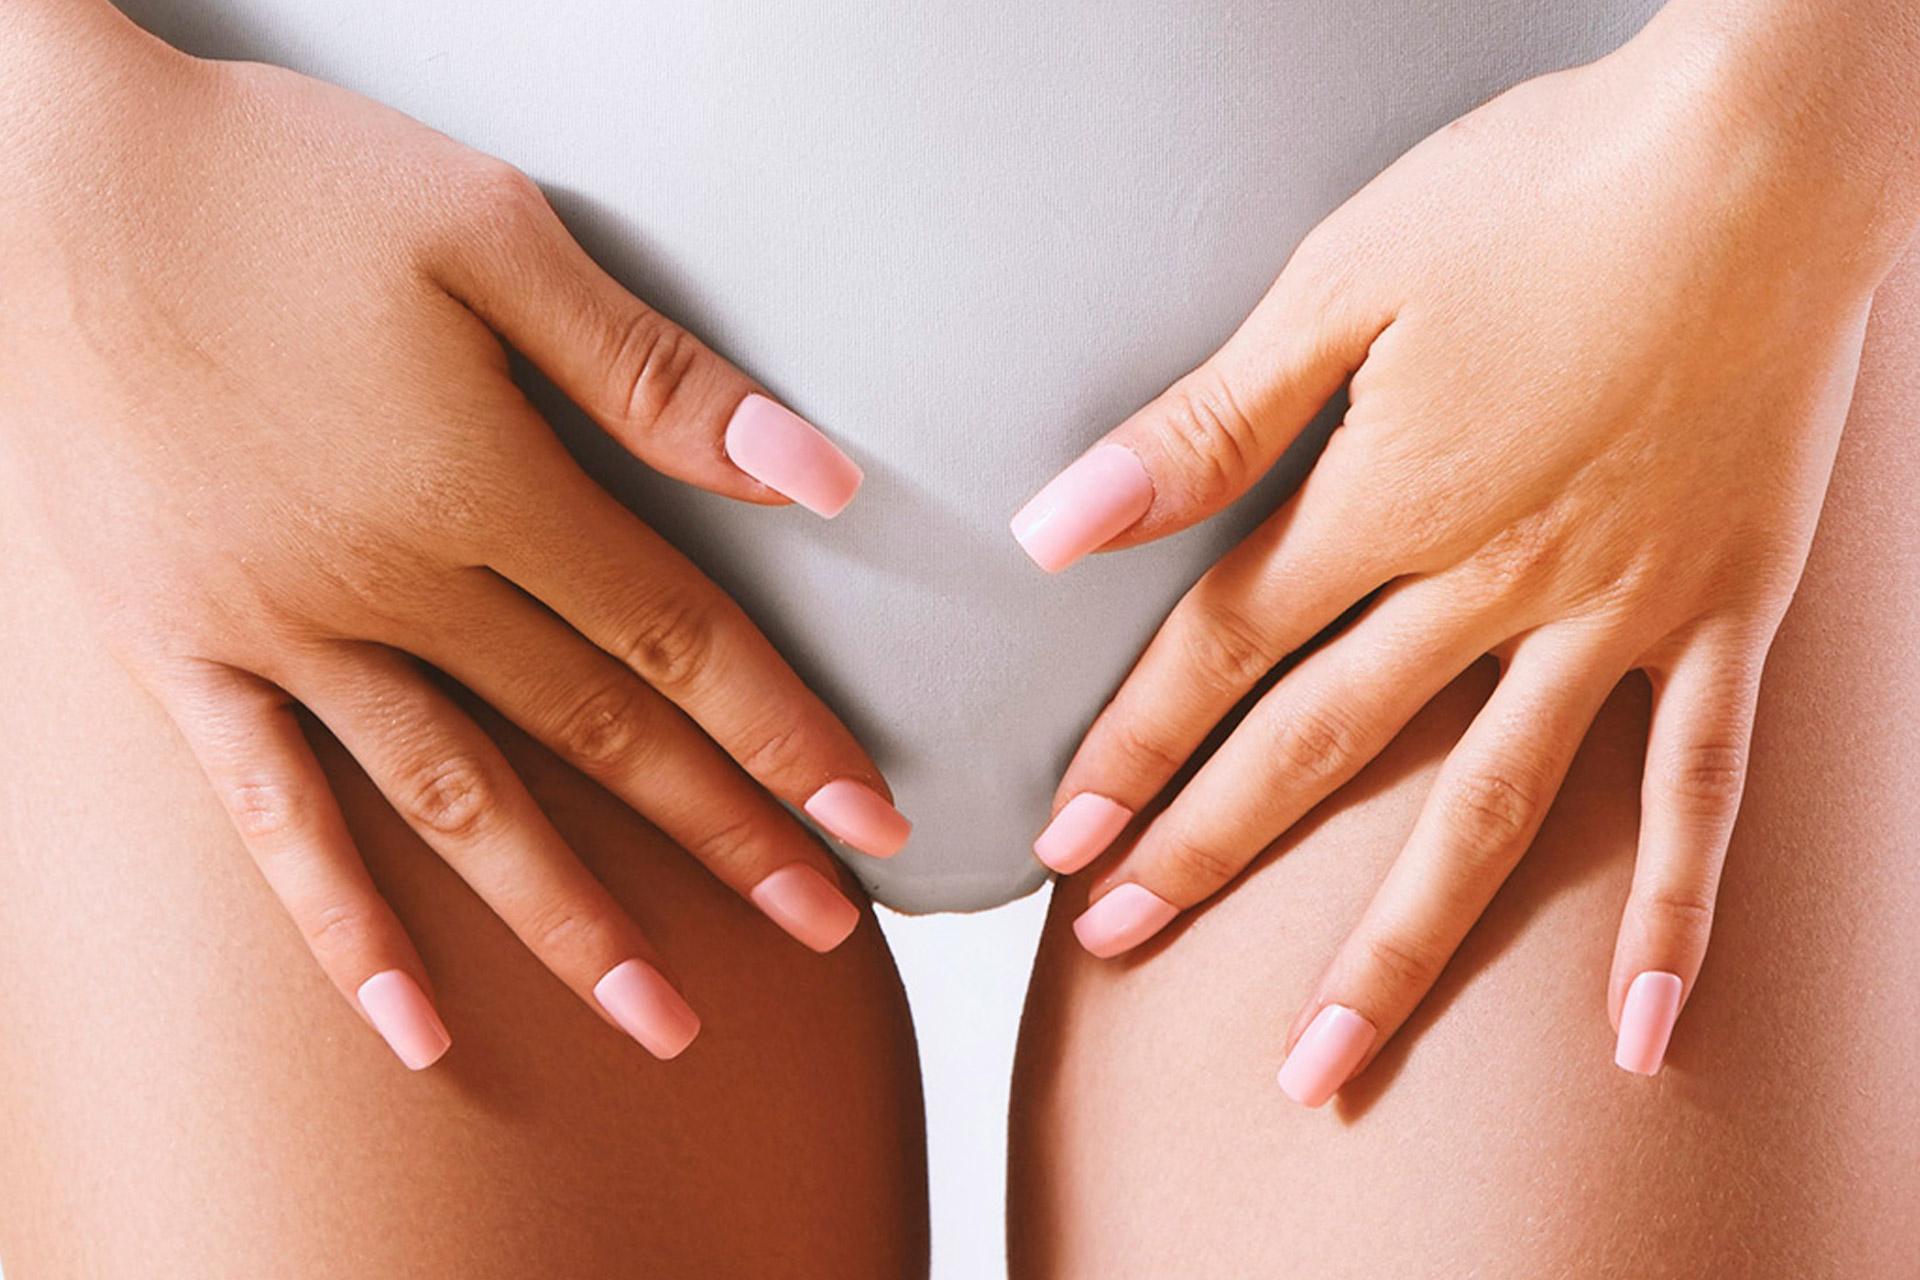 Labioplastia: tudo o que você sempre quis saber sobre cirurgia íntima